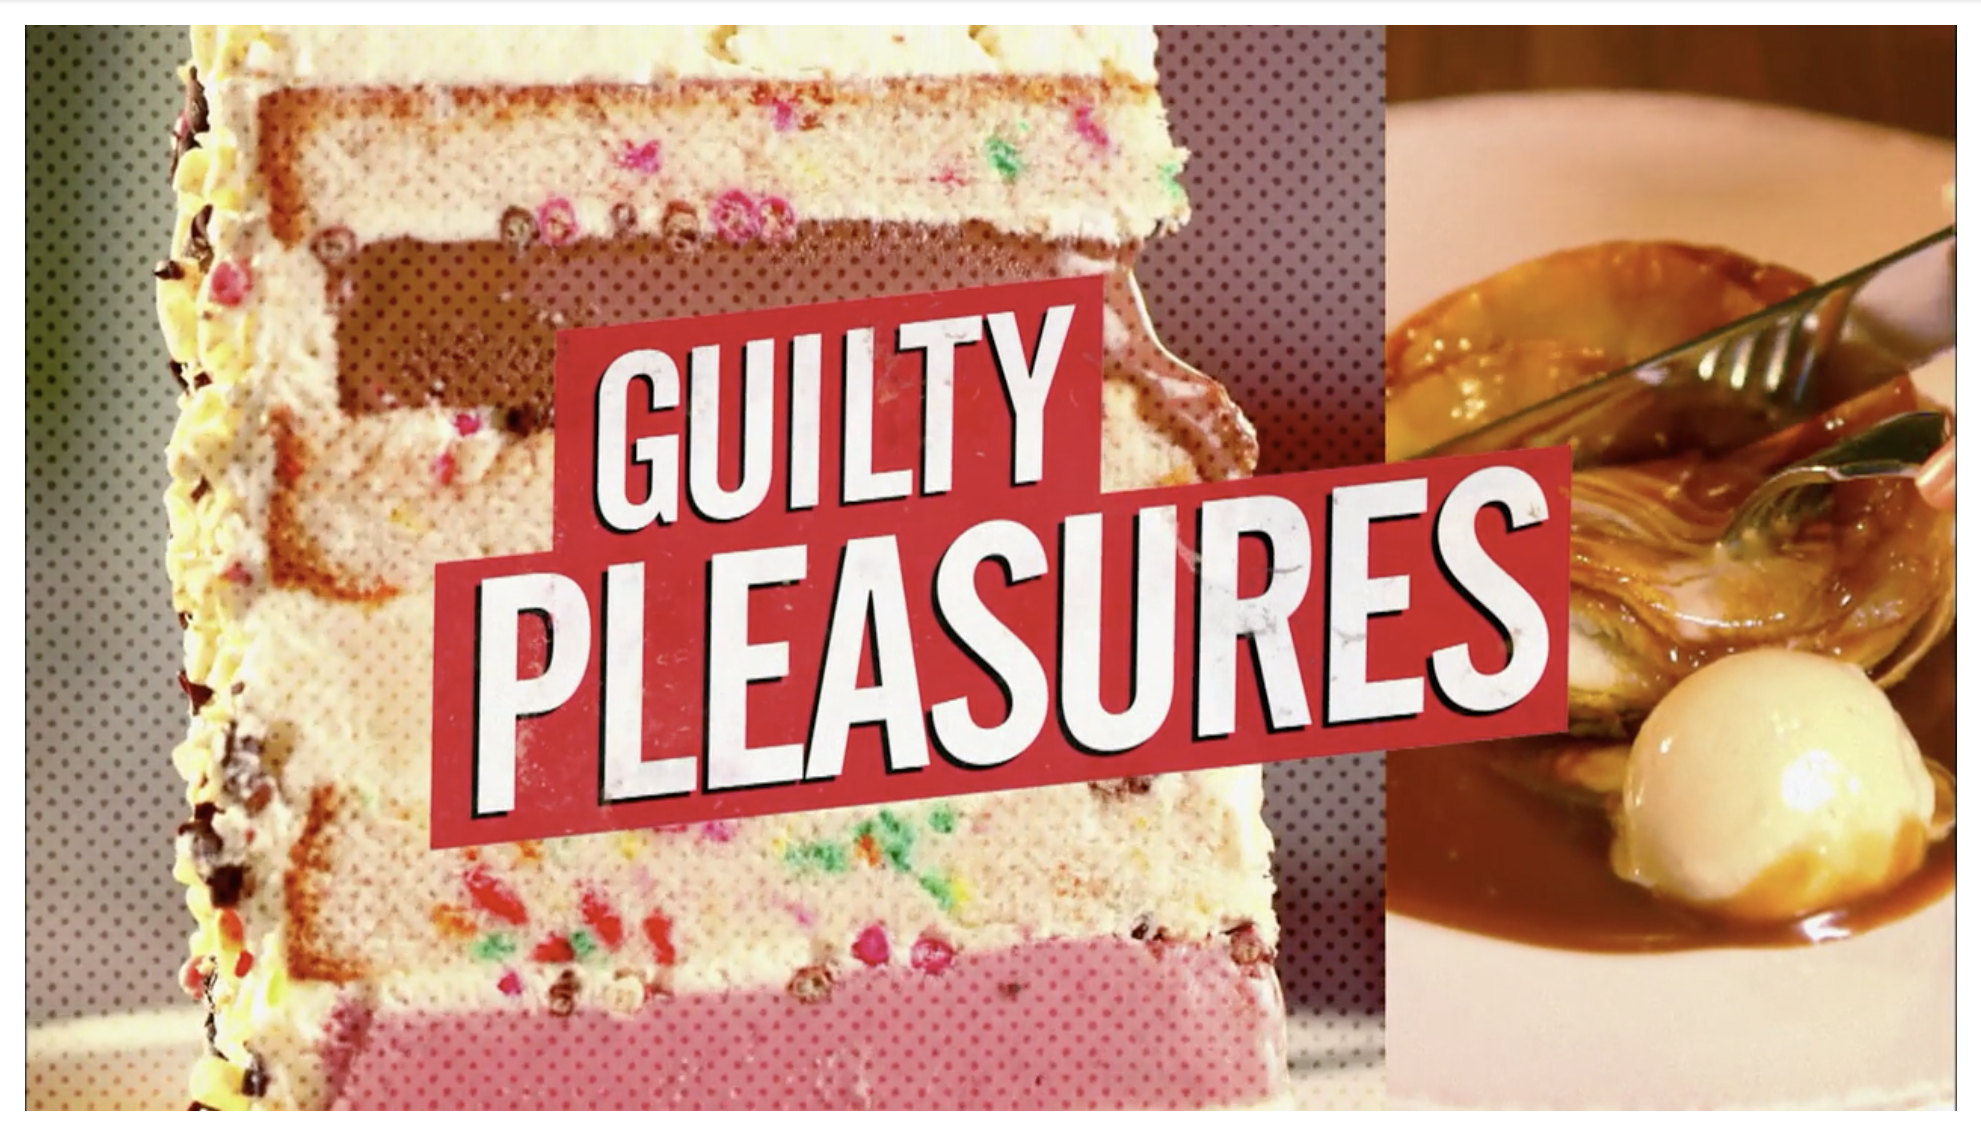 guiltypleasures.png